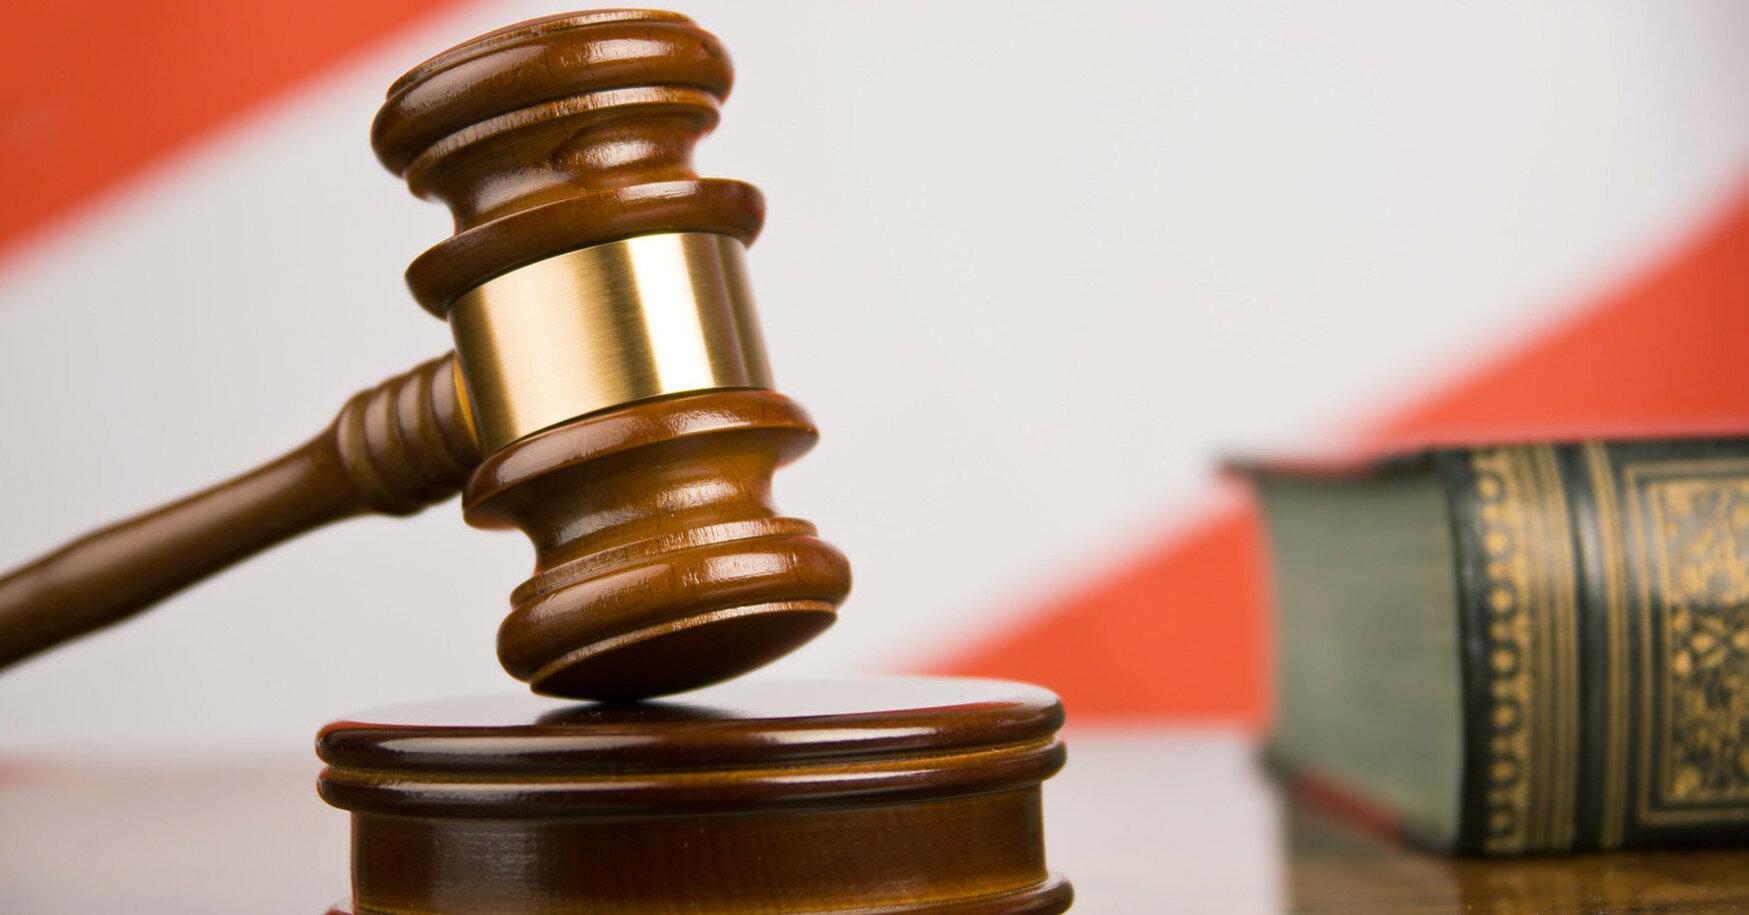 Верховный суд оставил без изменения решение по делу Гонгадзе